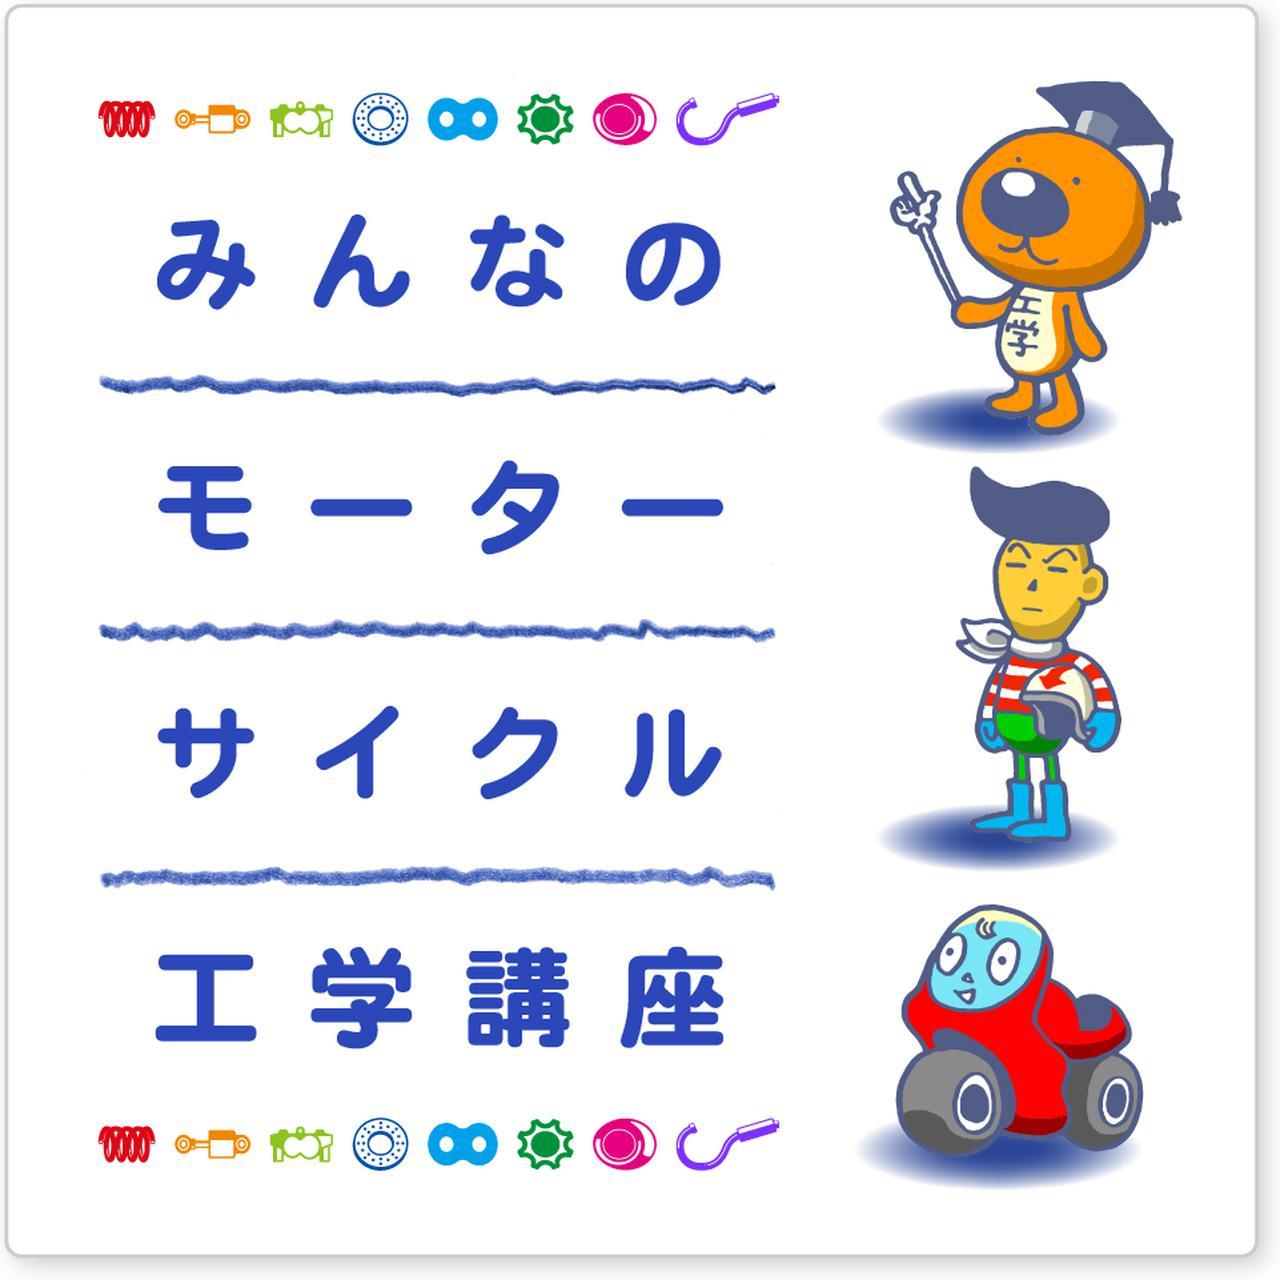 自動車技術会とオートバイ女子部がコラボ?? 渋谷で学ぶバイク界の「ウソ」「ホント」!